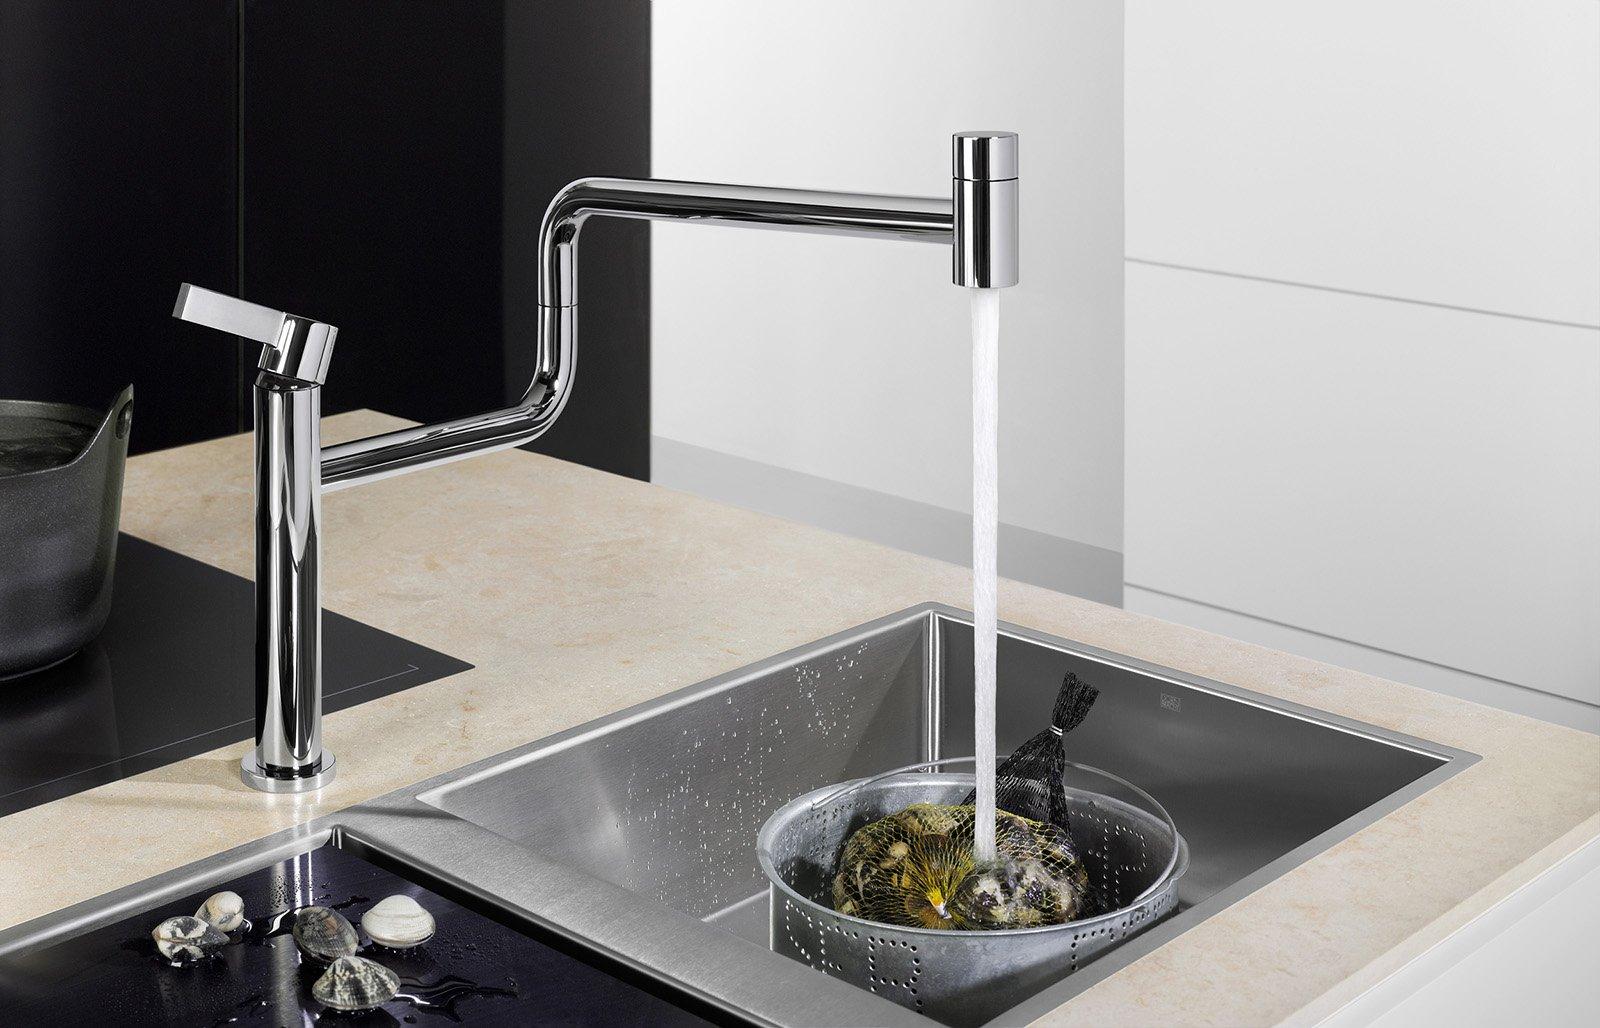 rubinetti per la cucina. i nuovi miscelatori - cose di casa - Rubinetti Per Lavello Cucina